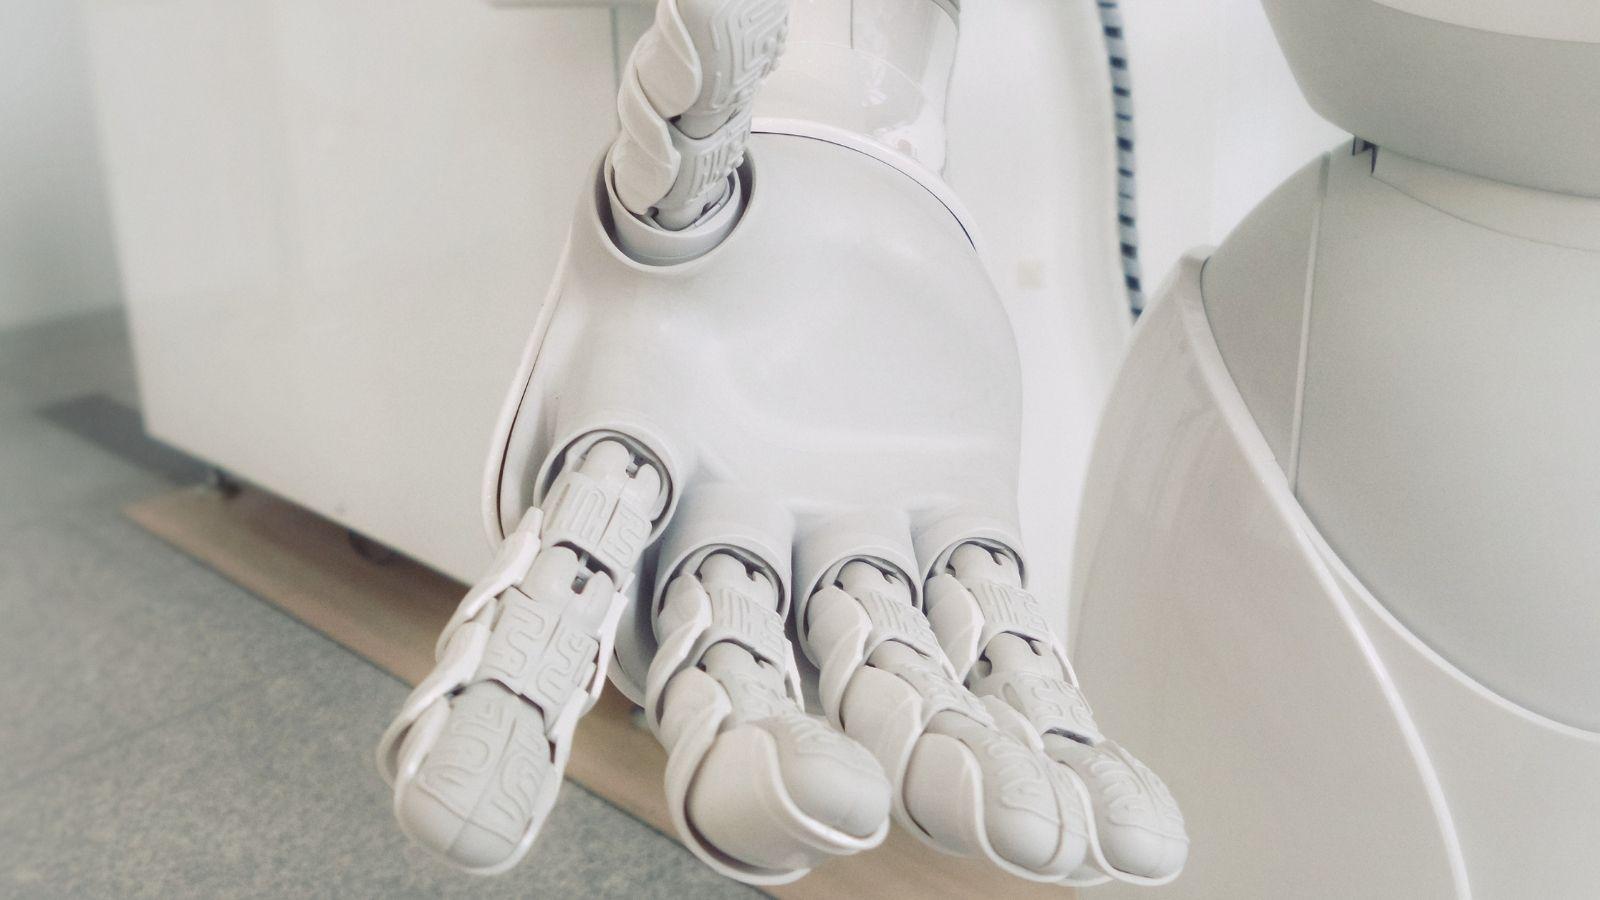 Zastąpieni przez roboty w ciągu 5 lat? AI medairun ai